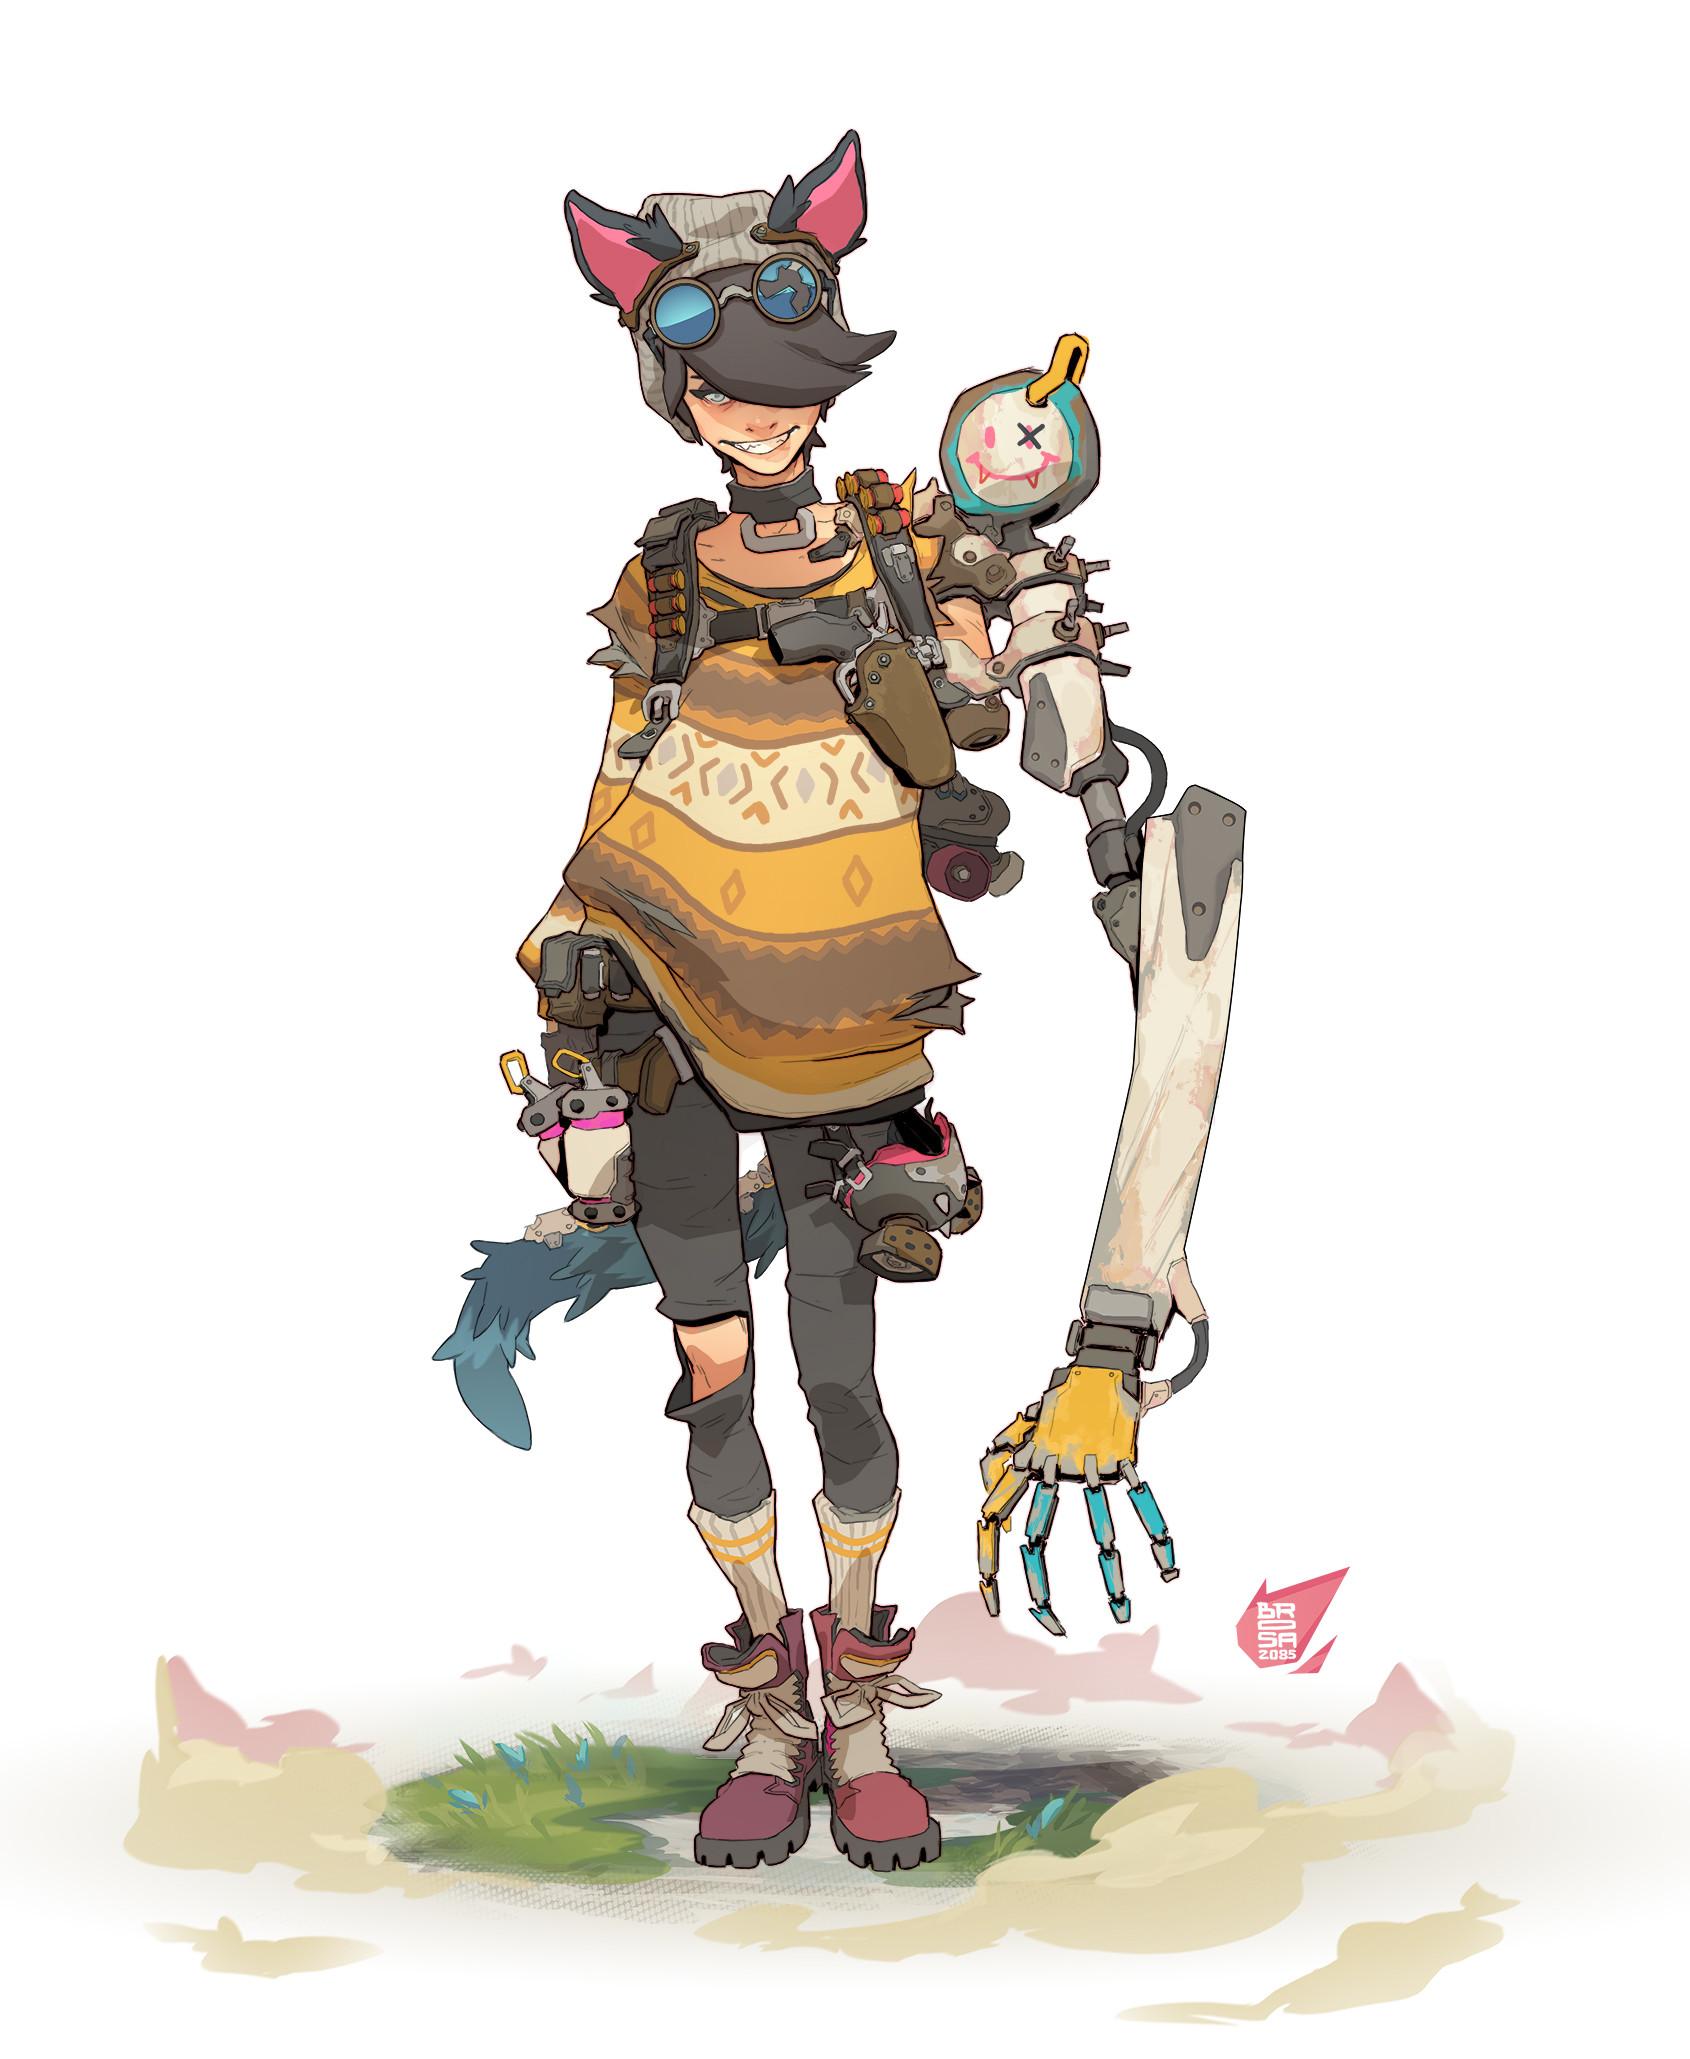 Image Result For Wallpaper Anime Girl Warrior